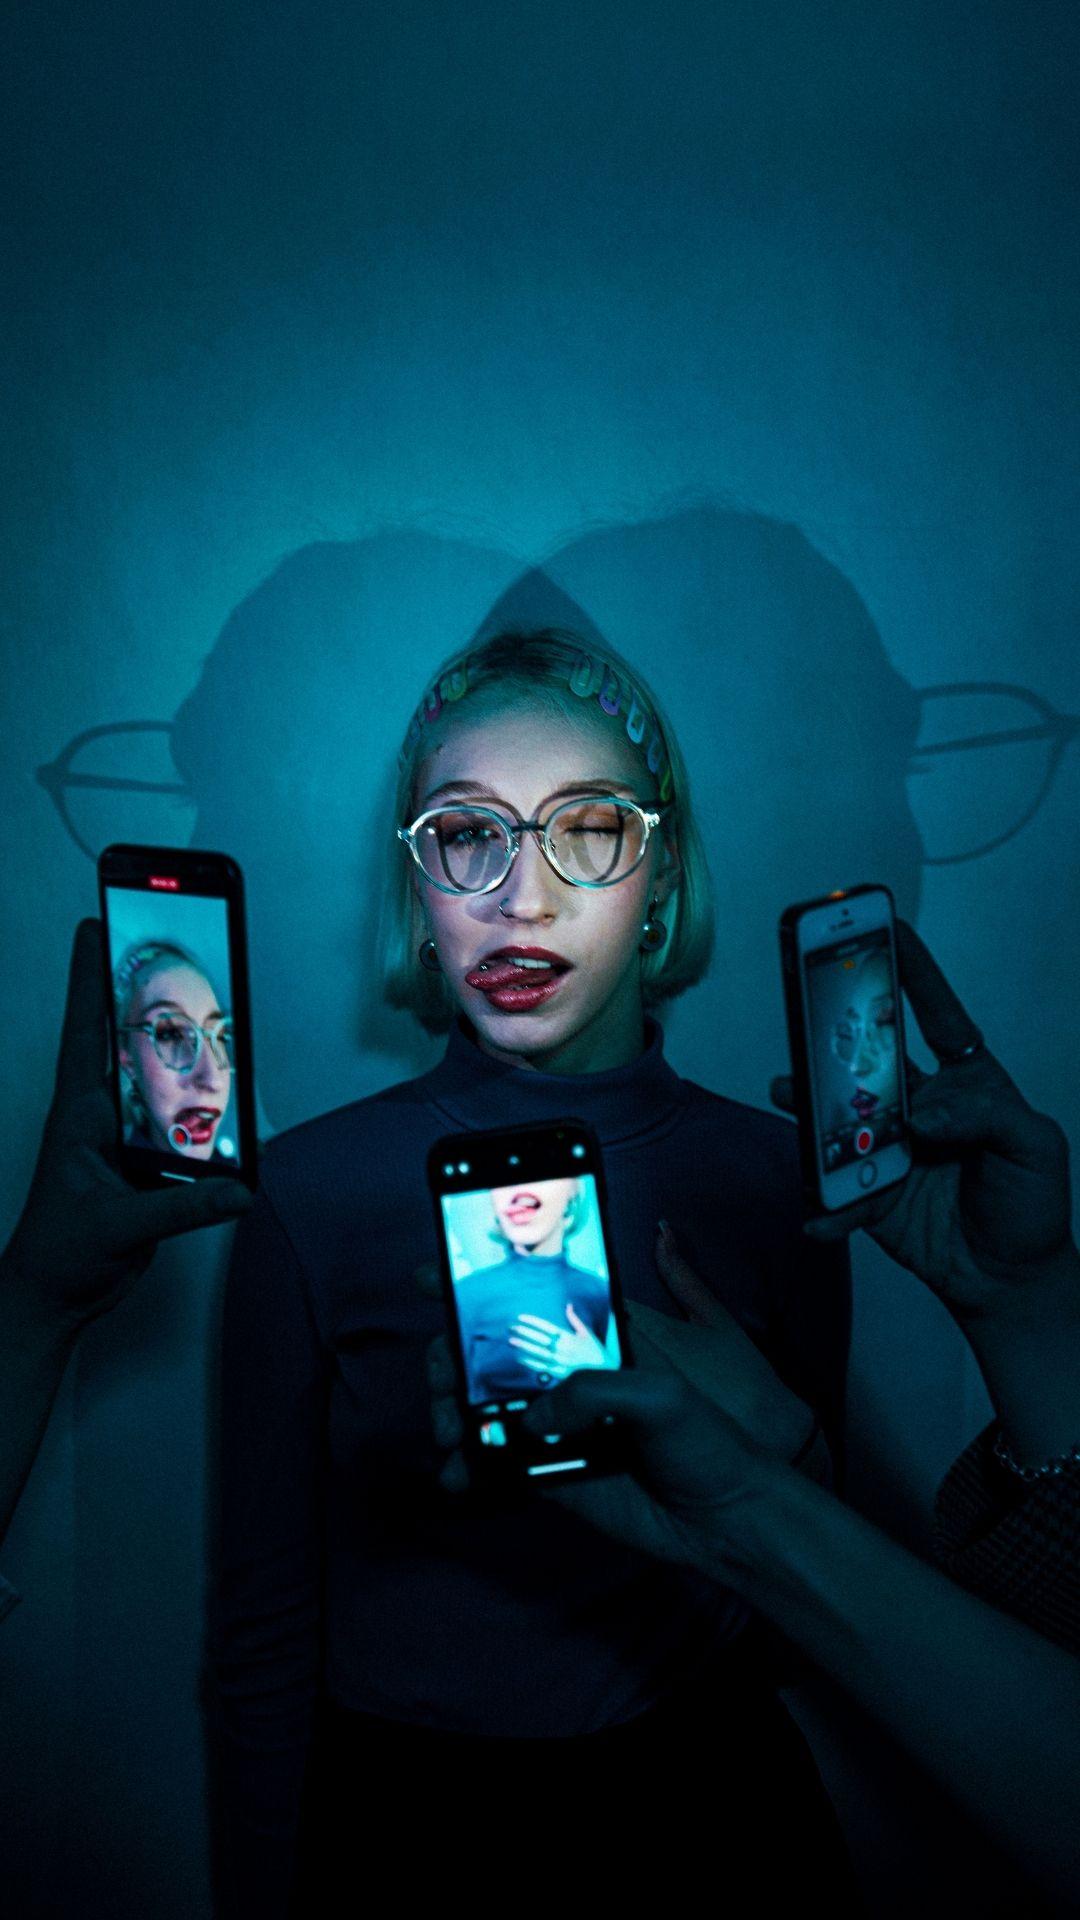 niebieskie światło, codzienność w erze cyfrowej, ekrany smartfonów robiące zdjęcie osobie w okularach do komputera MUSCAT Blue Block